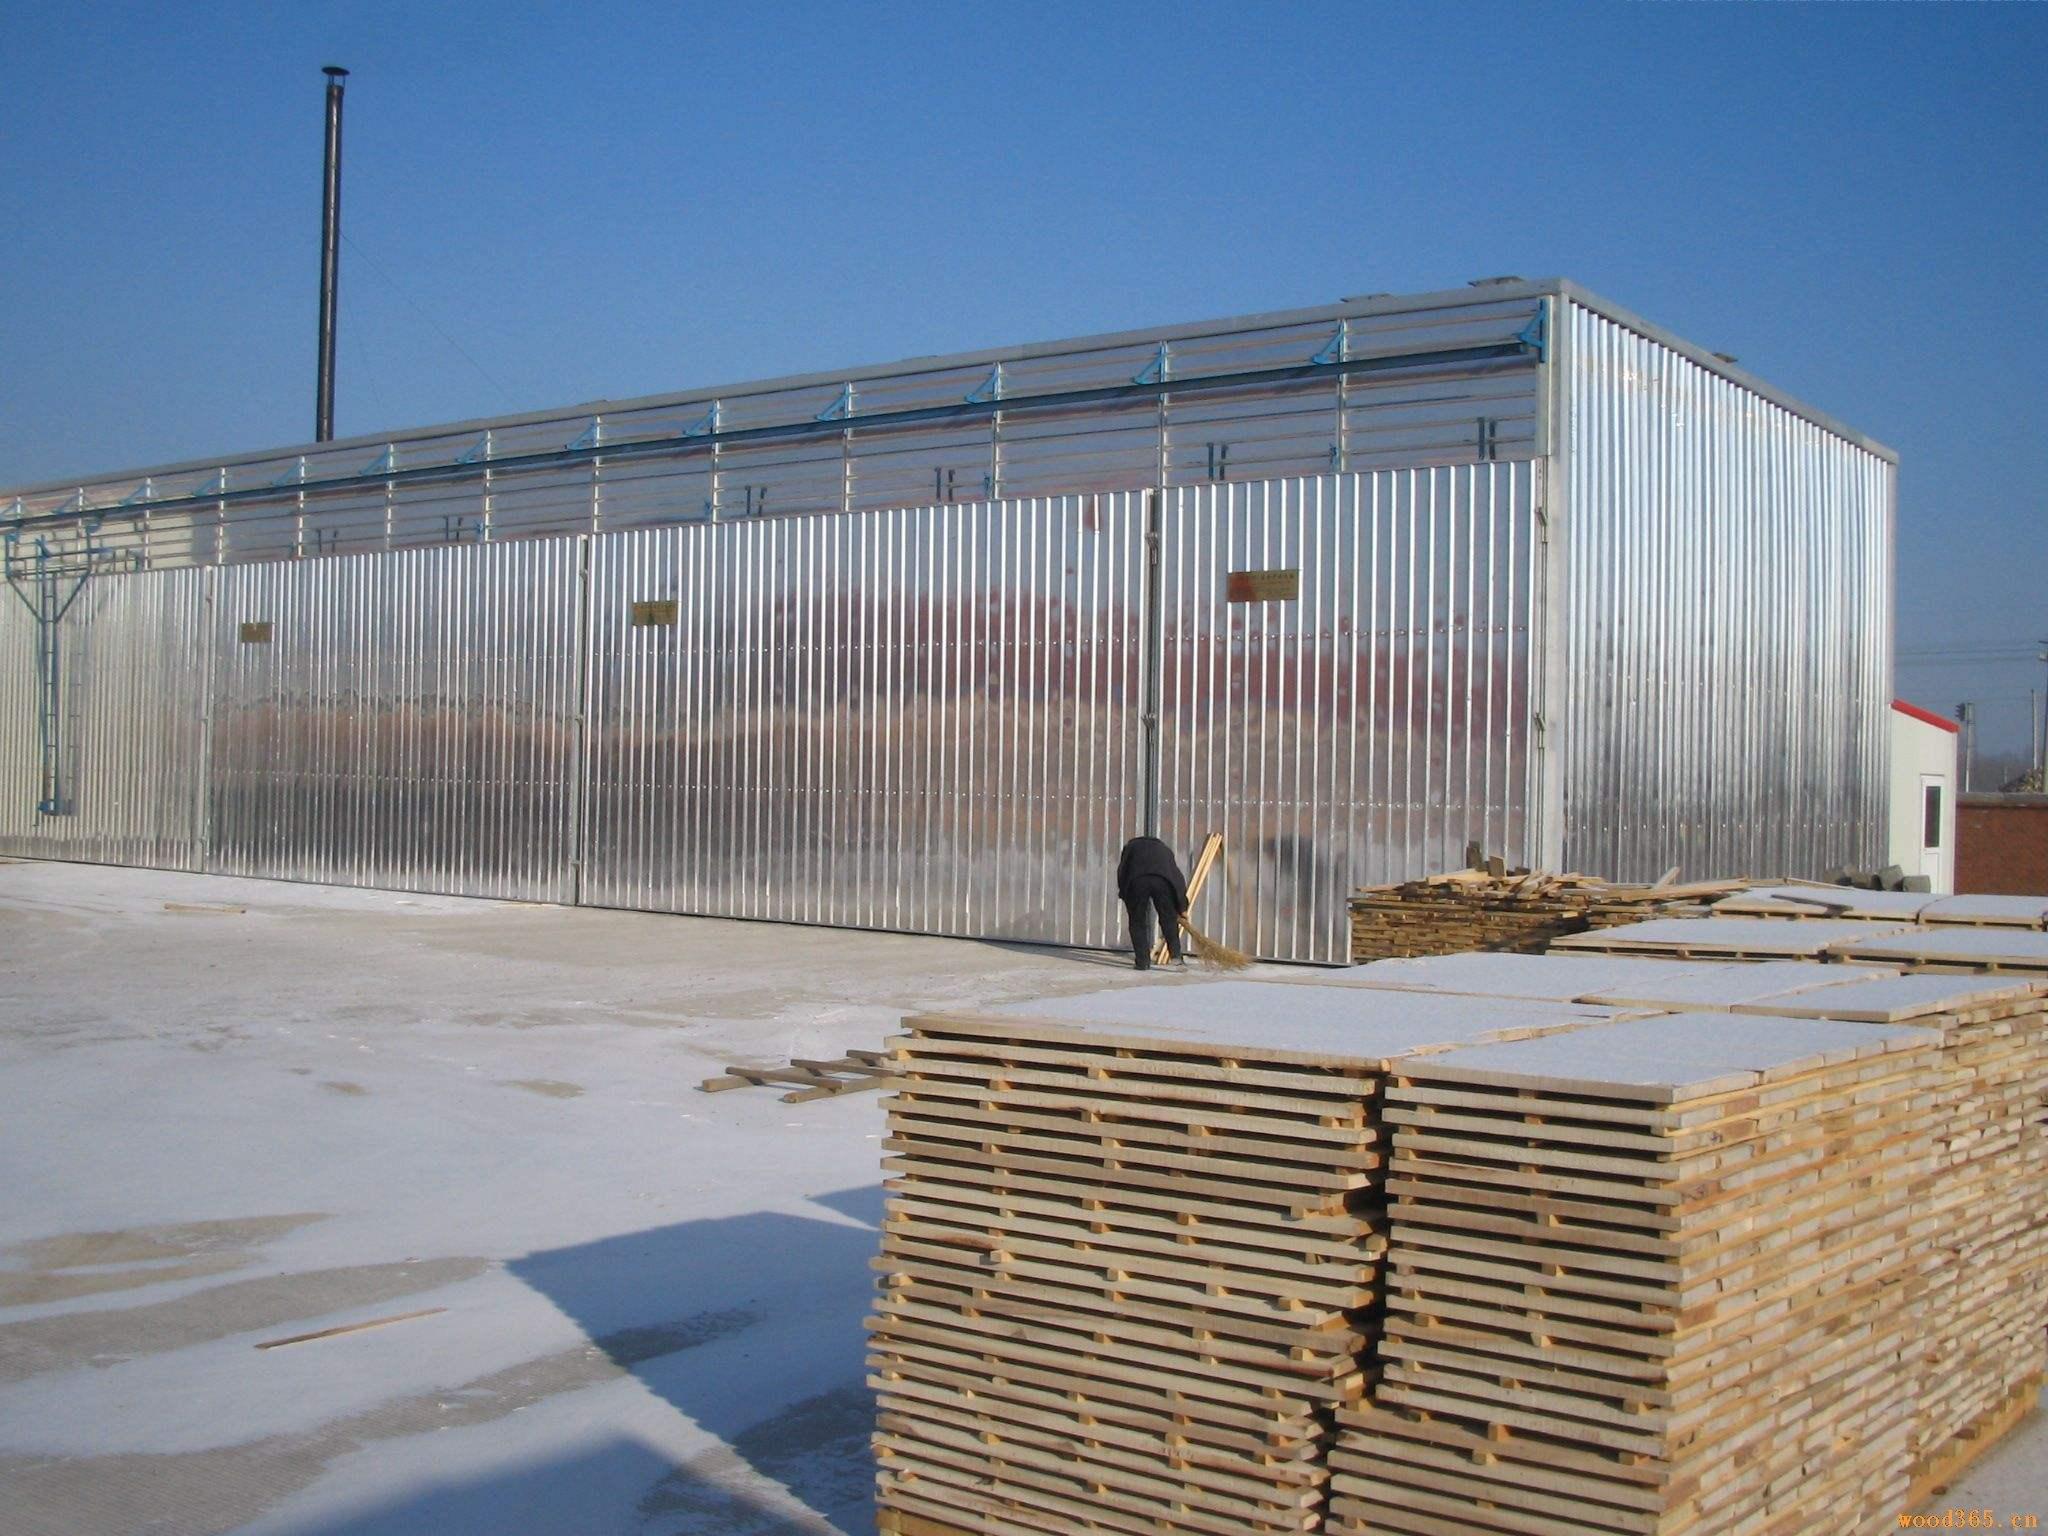 蒸汽加热木材干燥窑六大组成部分